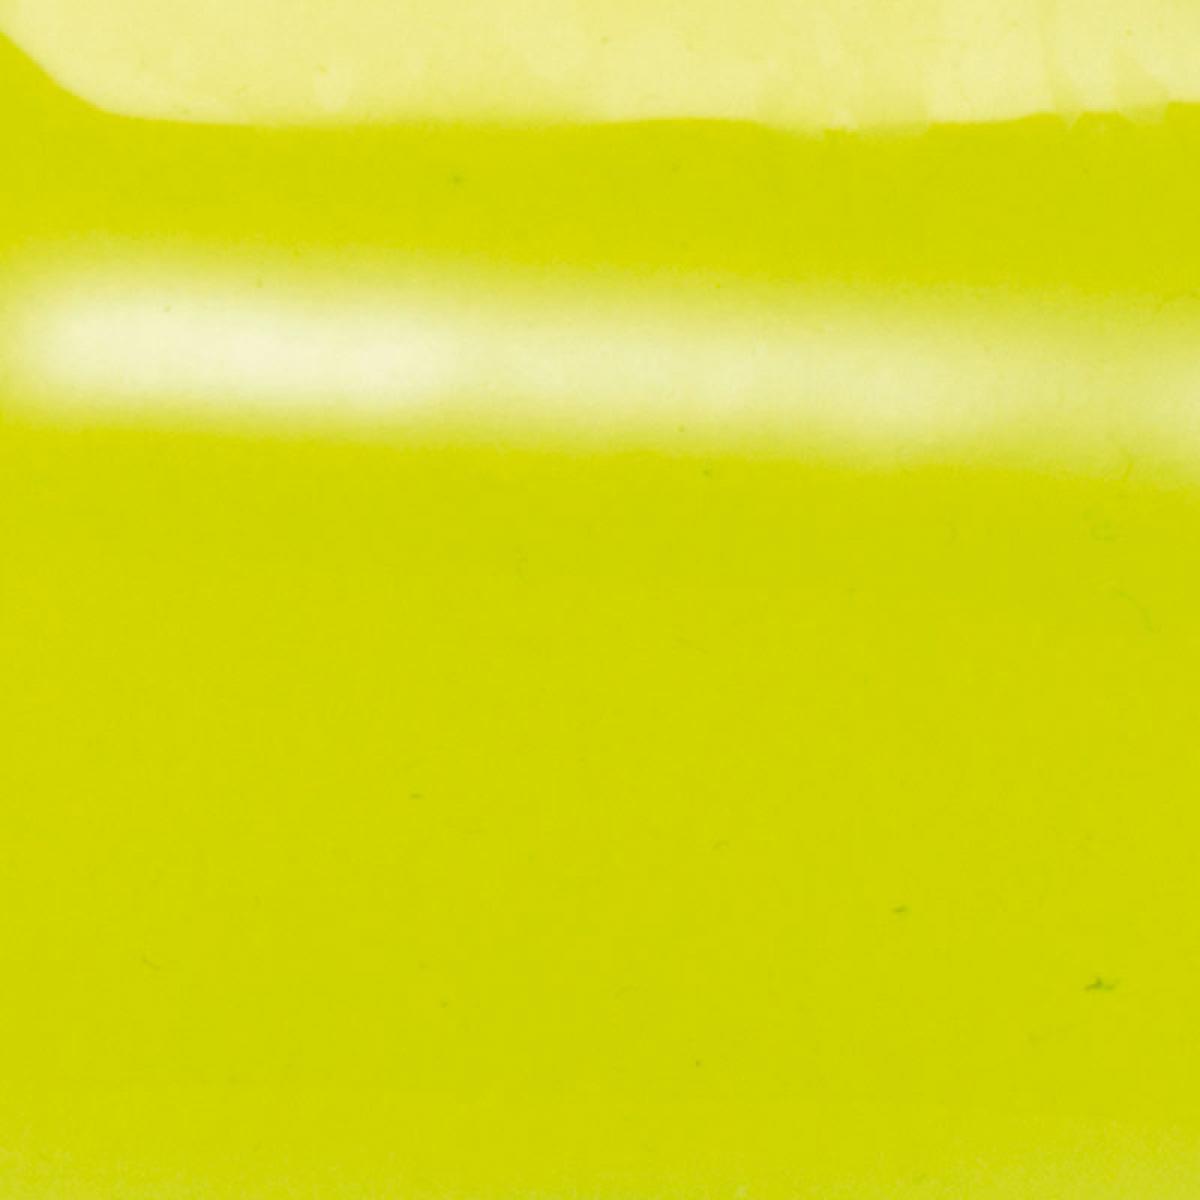 Cuir pour Bague Les Georgettes 703018584BA000 - Cuir pour Bague Vinyle Cristal Fluo Jaune Femme